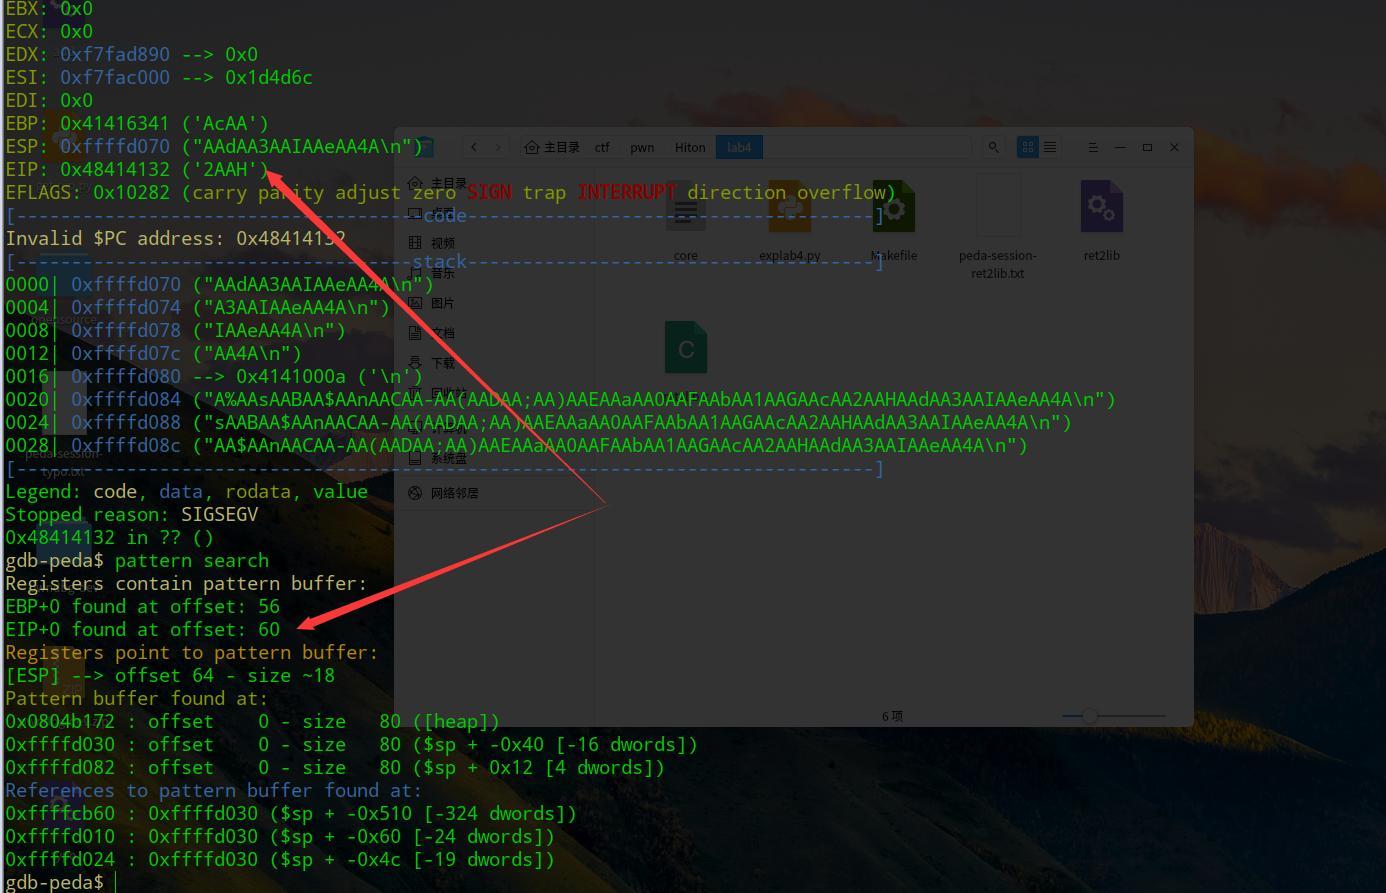 Pwn-October 24-hitcon (2) - Programmer Sought